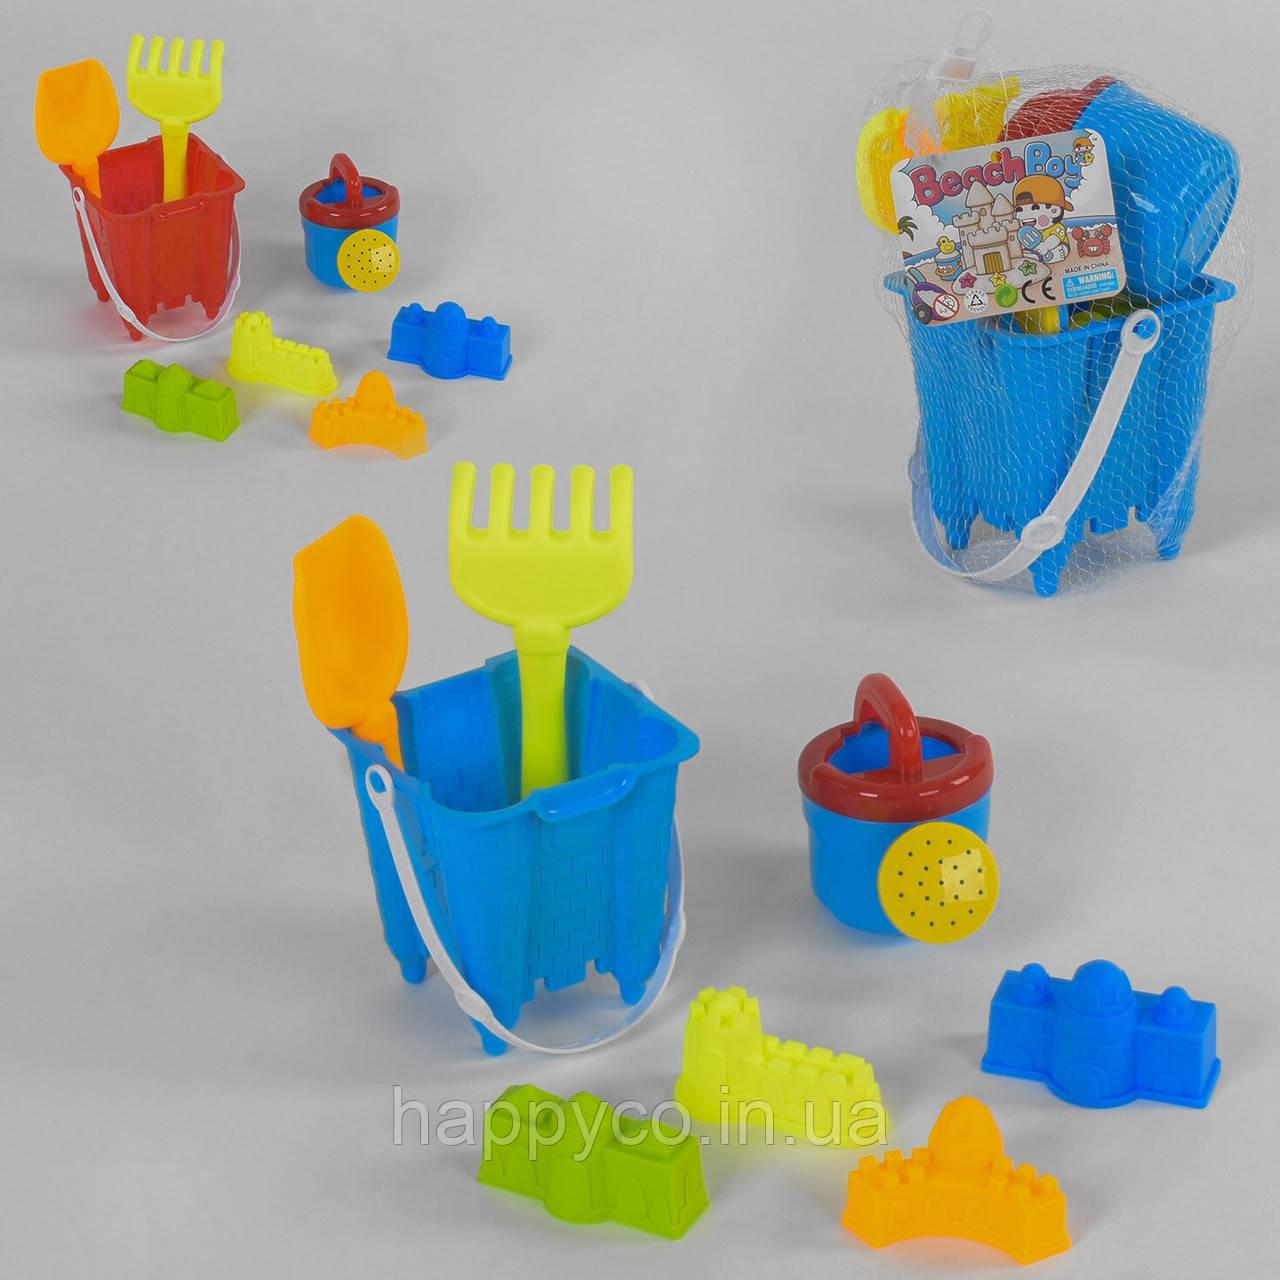 Набор детский для песка с лейкой и пасочками